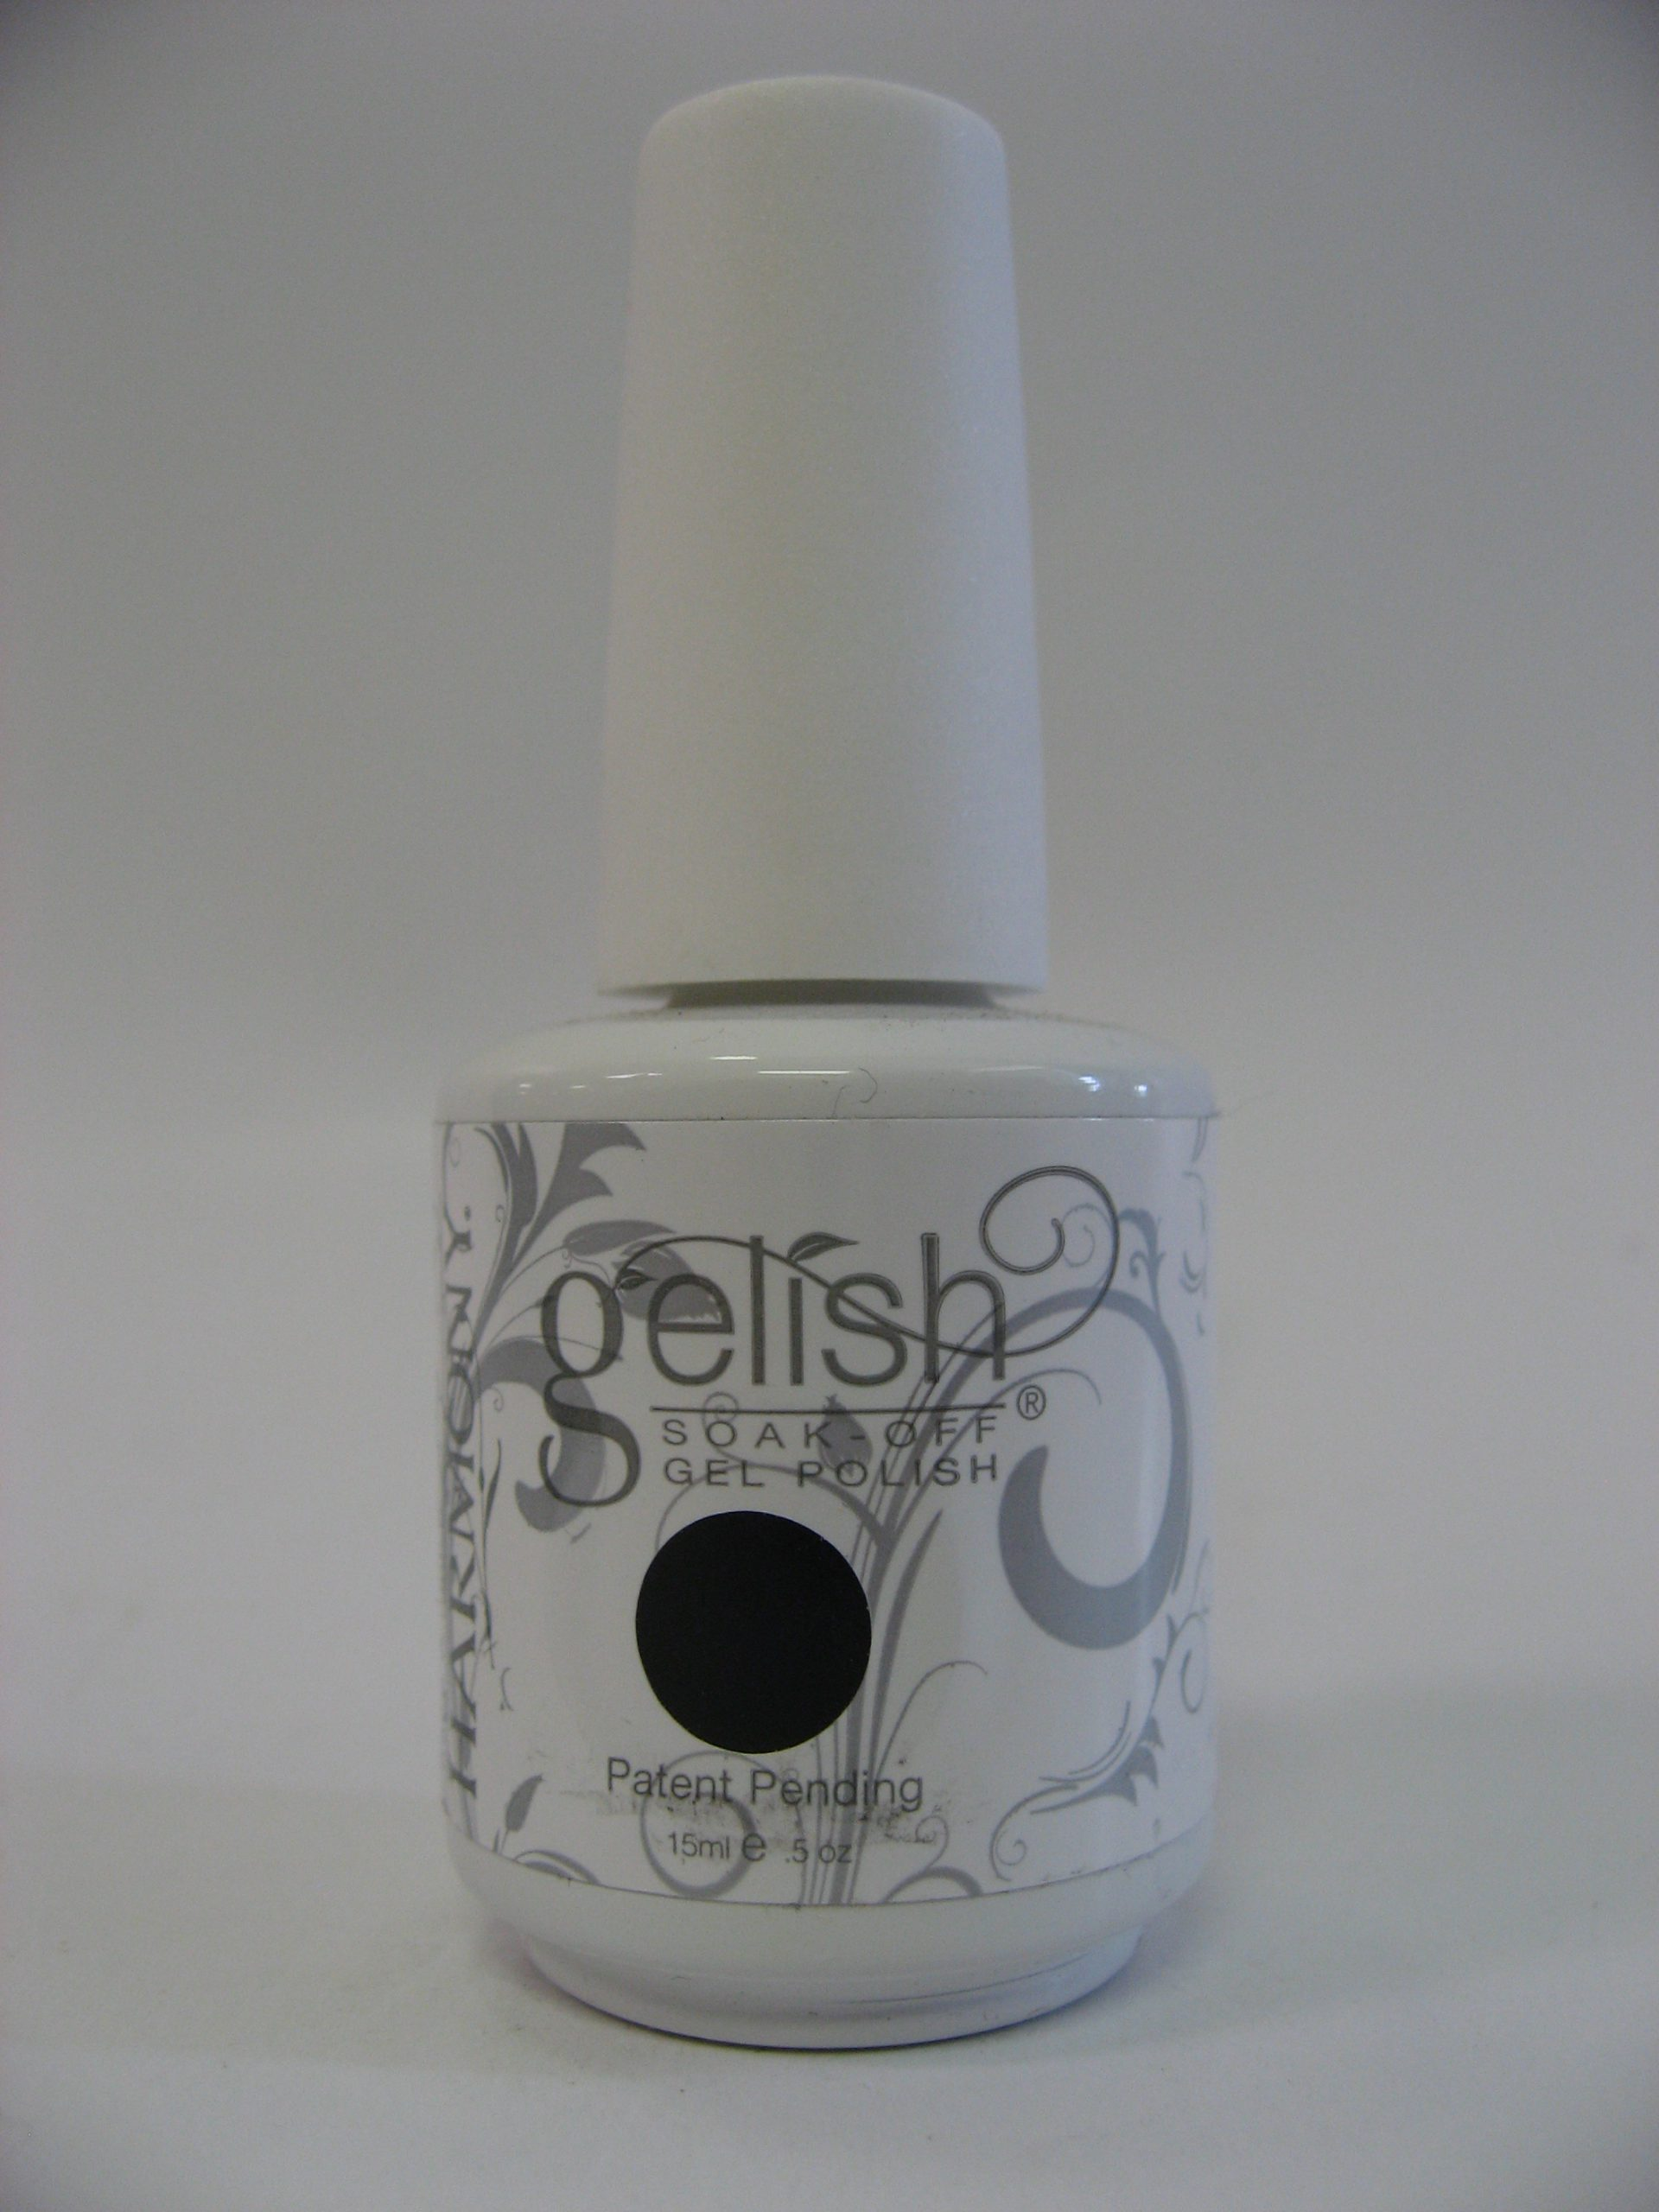 Gelish Soak Off Gel Polish - 1425 - Is it an Illusion?